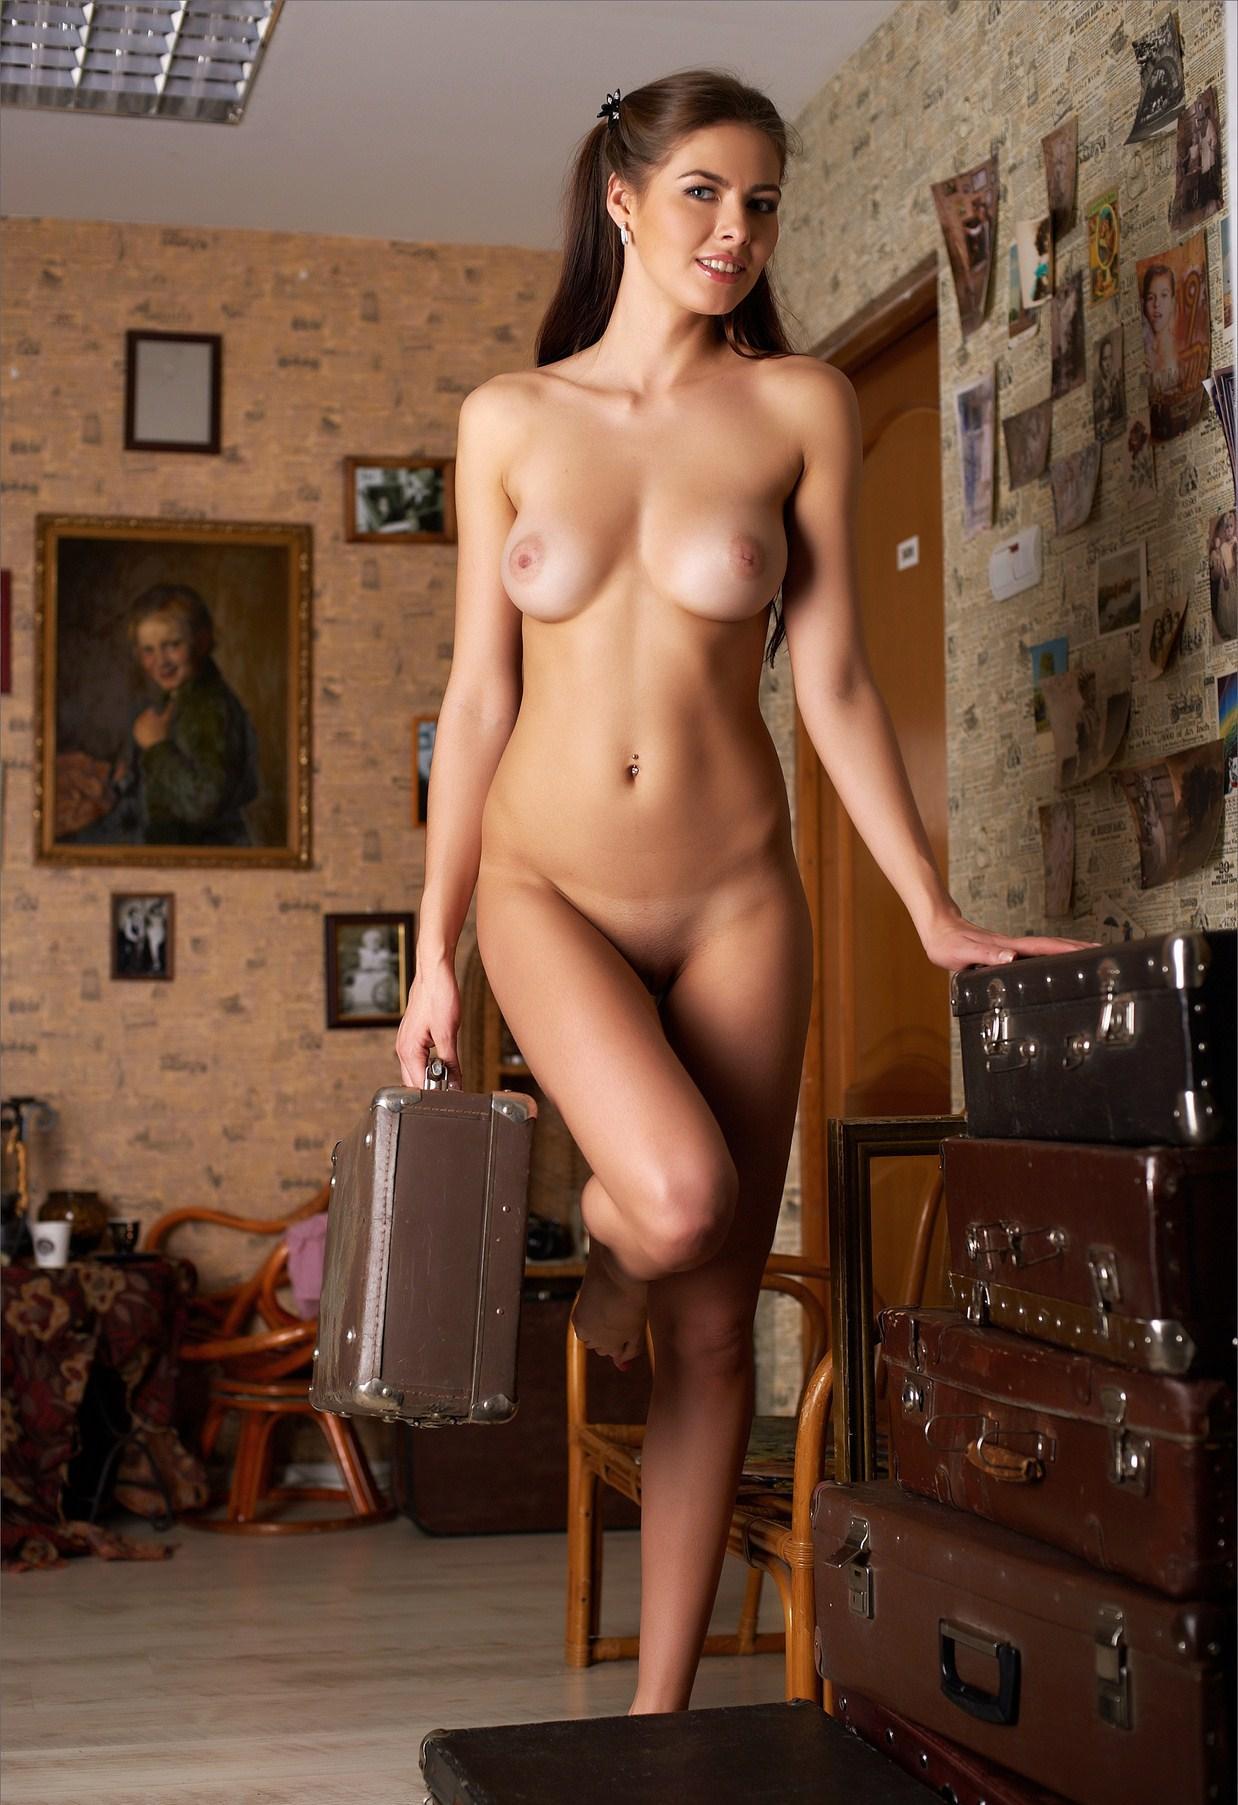 Голые девушки дома на фото, секс со спящими блондинками порно фото